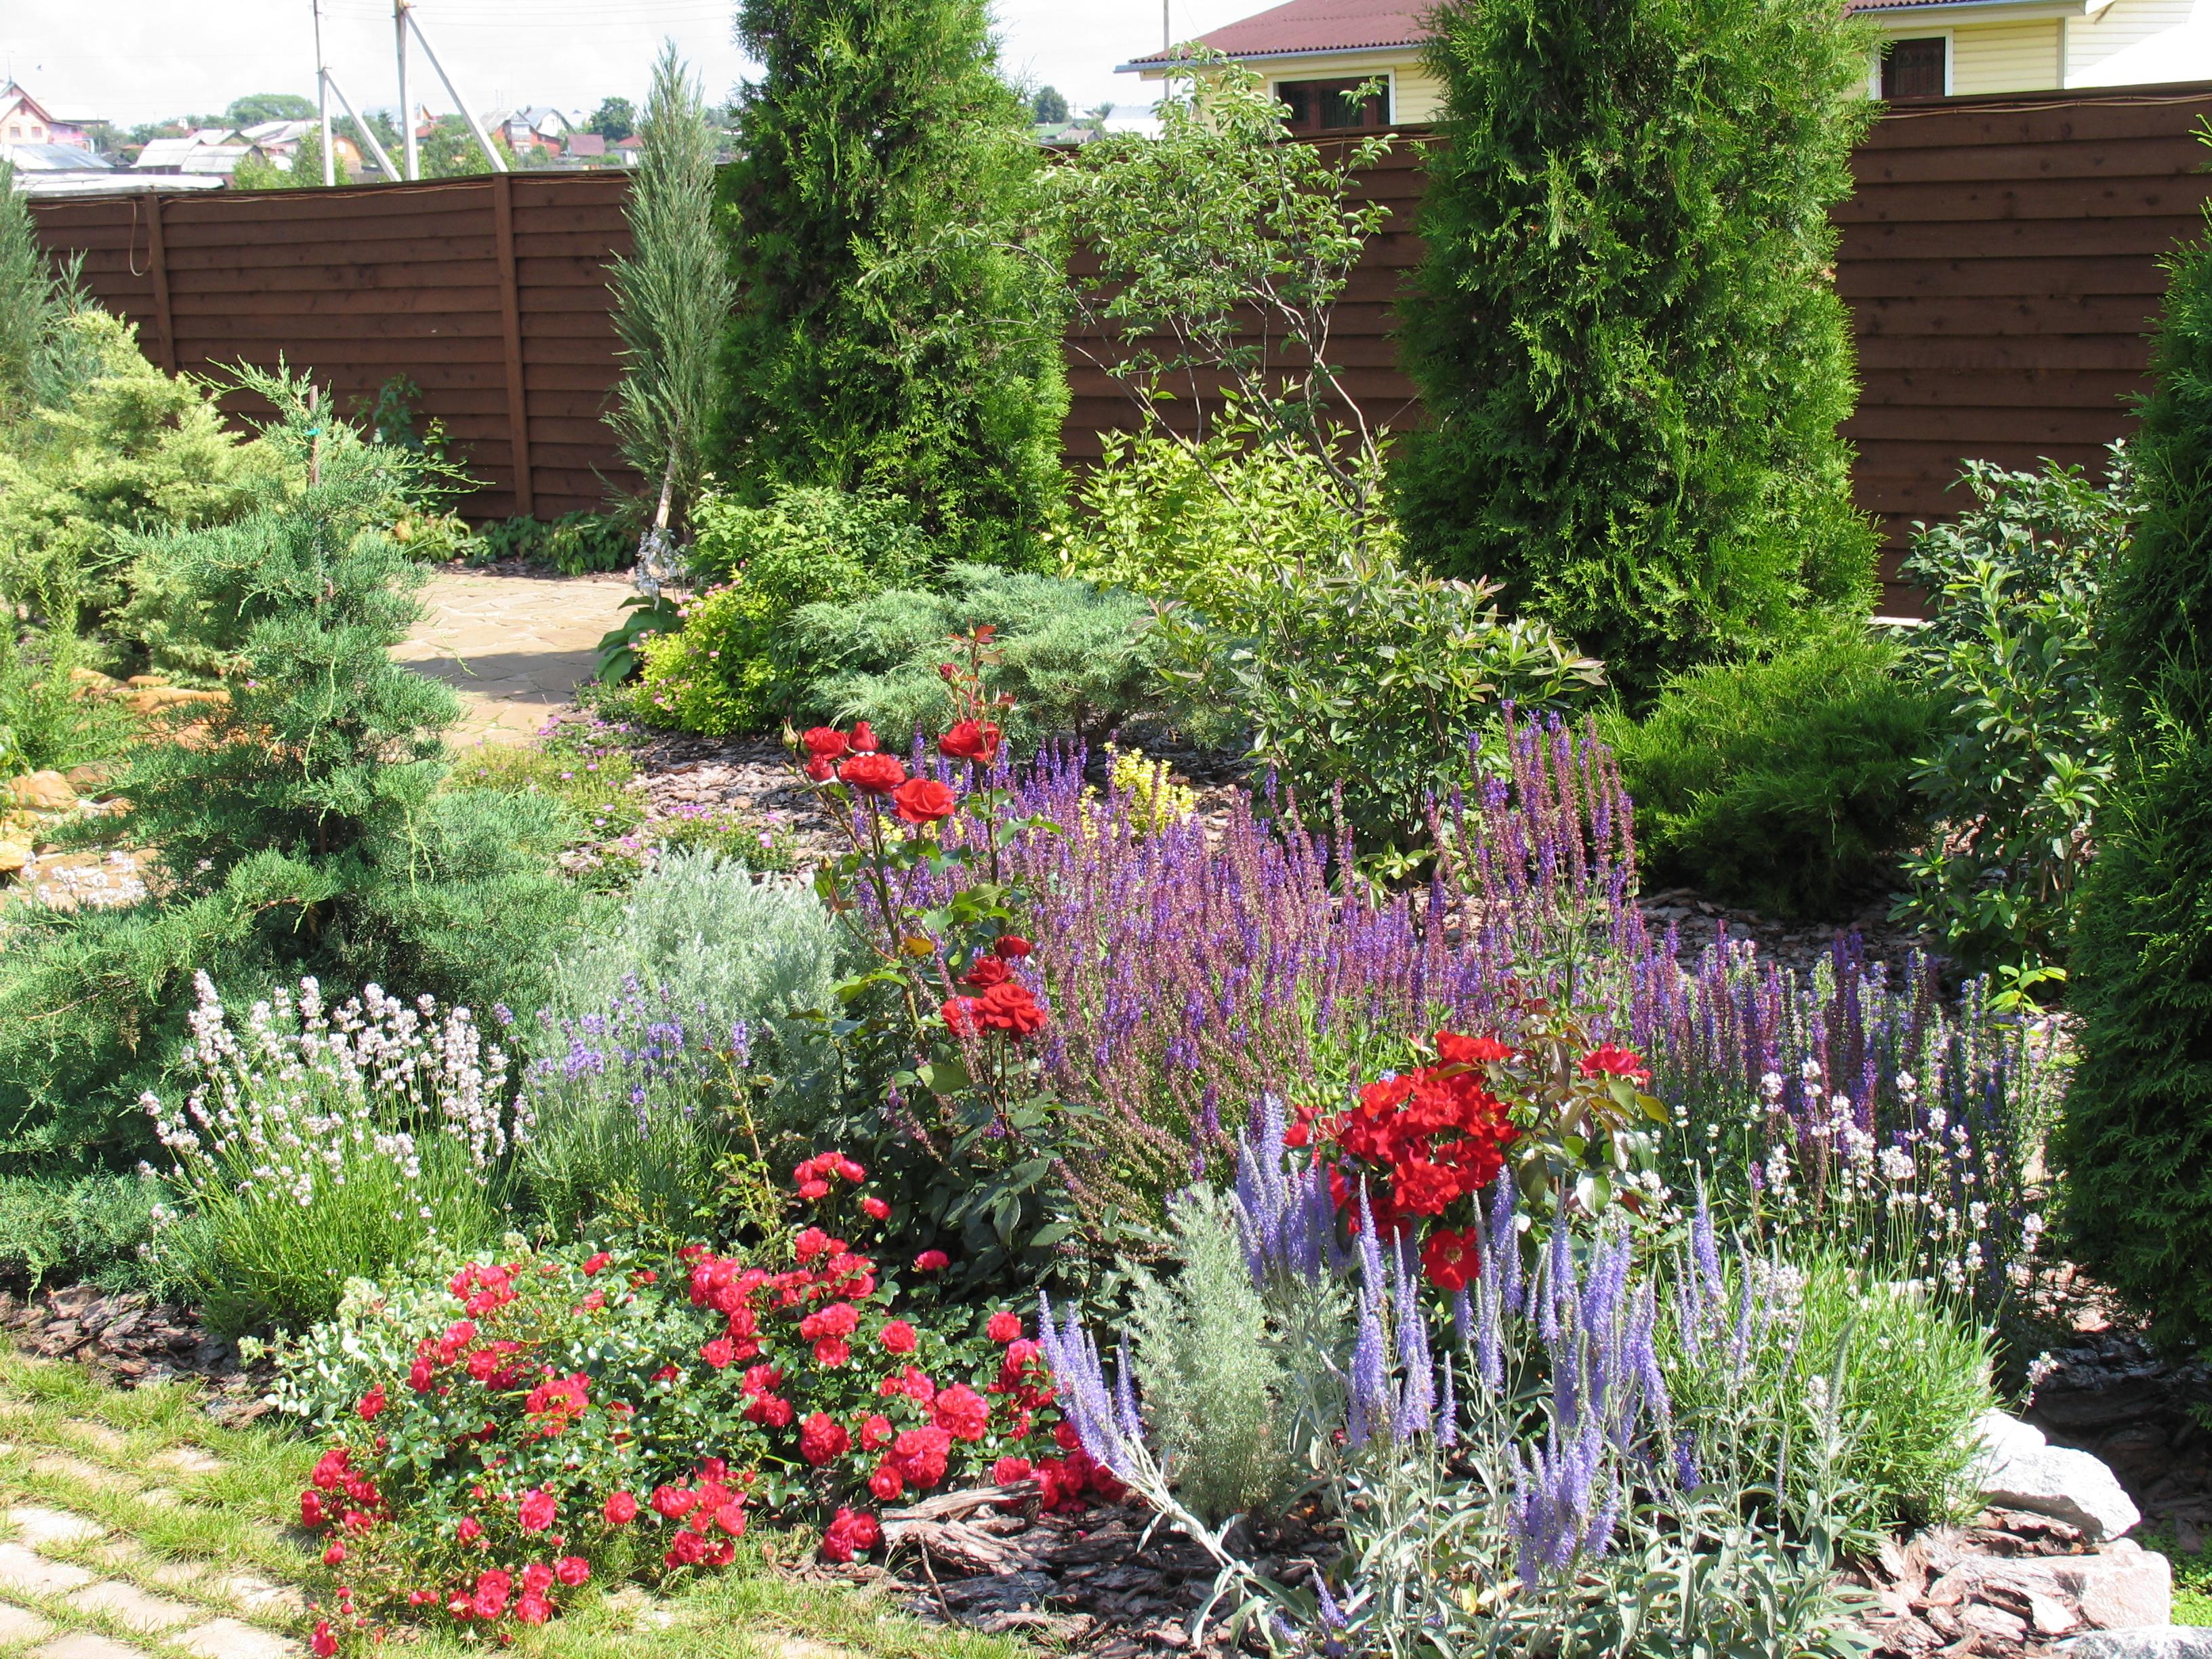 Многолетники и красивоцветущие кустарники, которые окрасят цветник яркими красками с весны до осени.